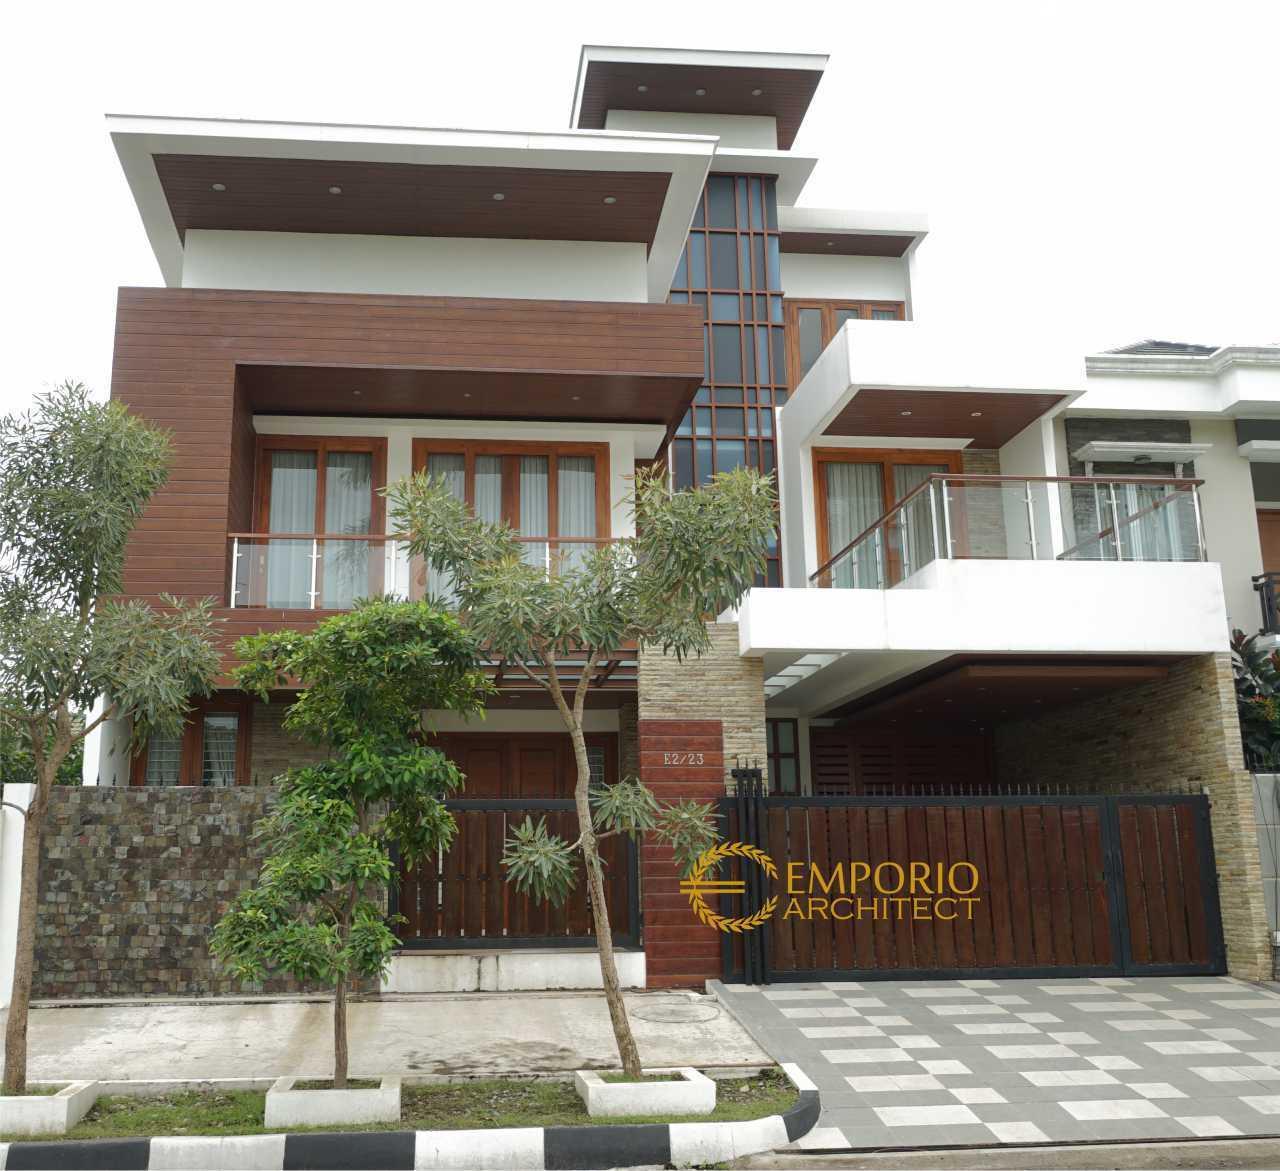 Emporio Architect Jasa Arsitek Tangerang Hasil Konstruksi Rumah Modern Tropis 276 @ Tangerang Tangerang, Kota Tangerang, Banten, Indonesia Tangerang, Kota Tangerang, Banten, Indonesia Emporio-Architect-Jasa-Arsitek-Tangerang-Hasil-Konstruksi-Rumah-Modern-Tropis-276-Tangerang  86571